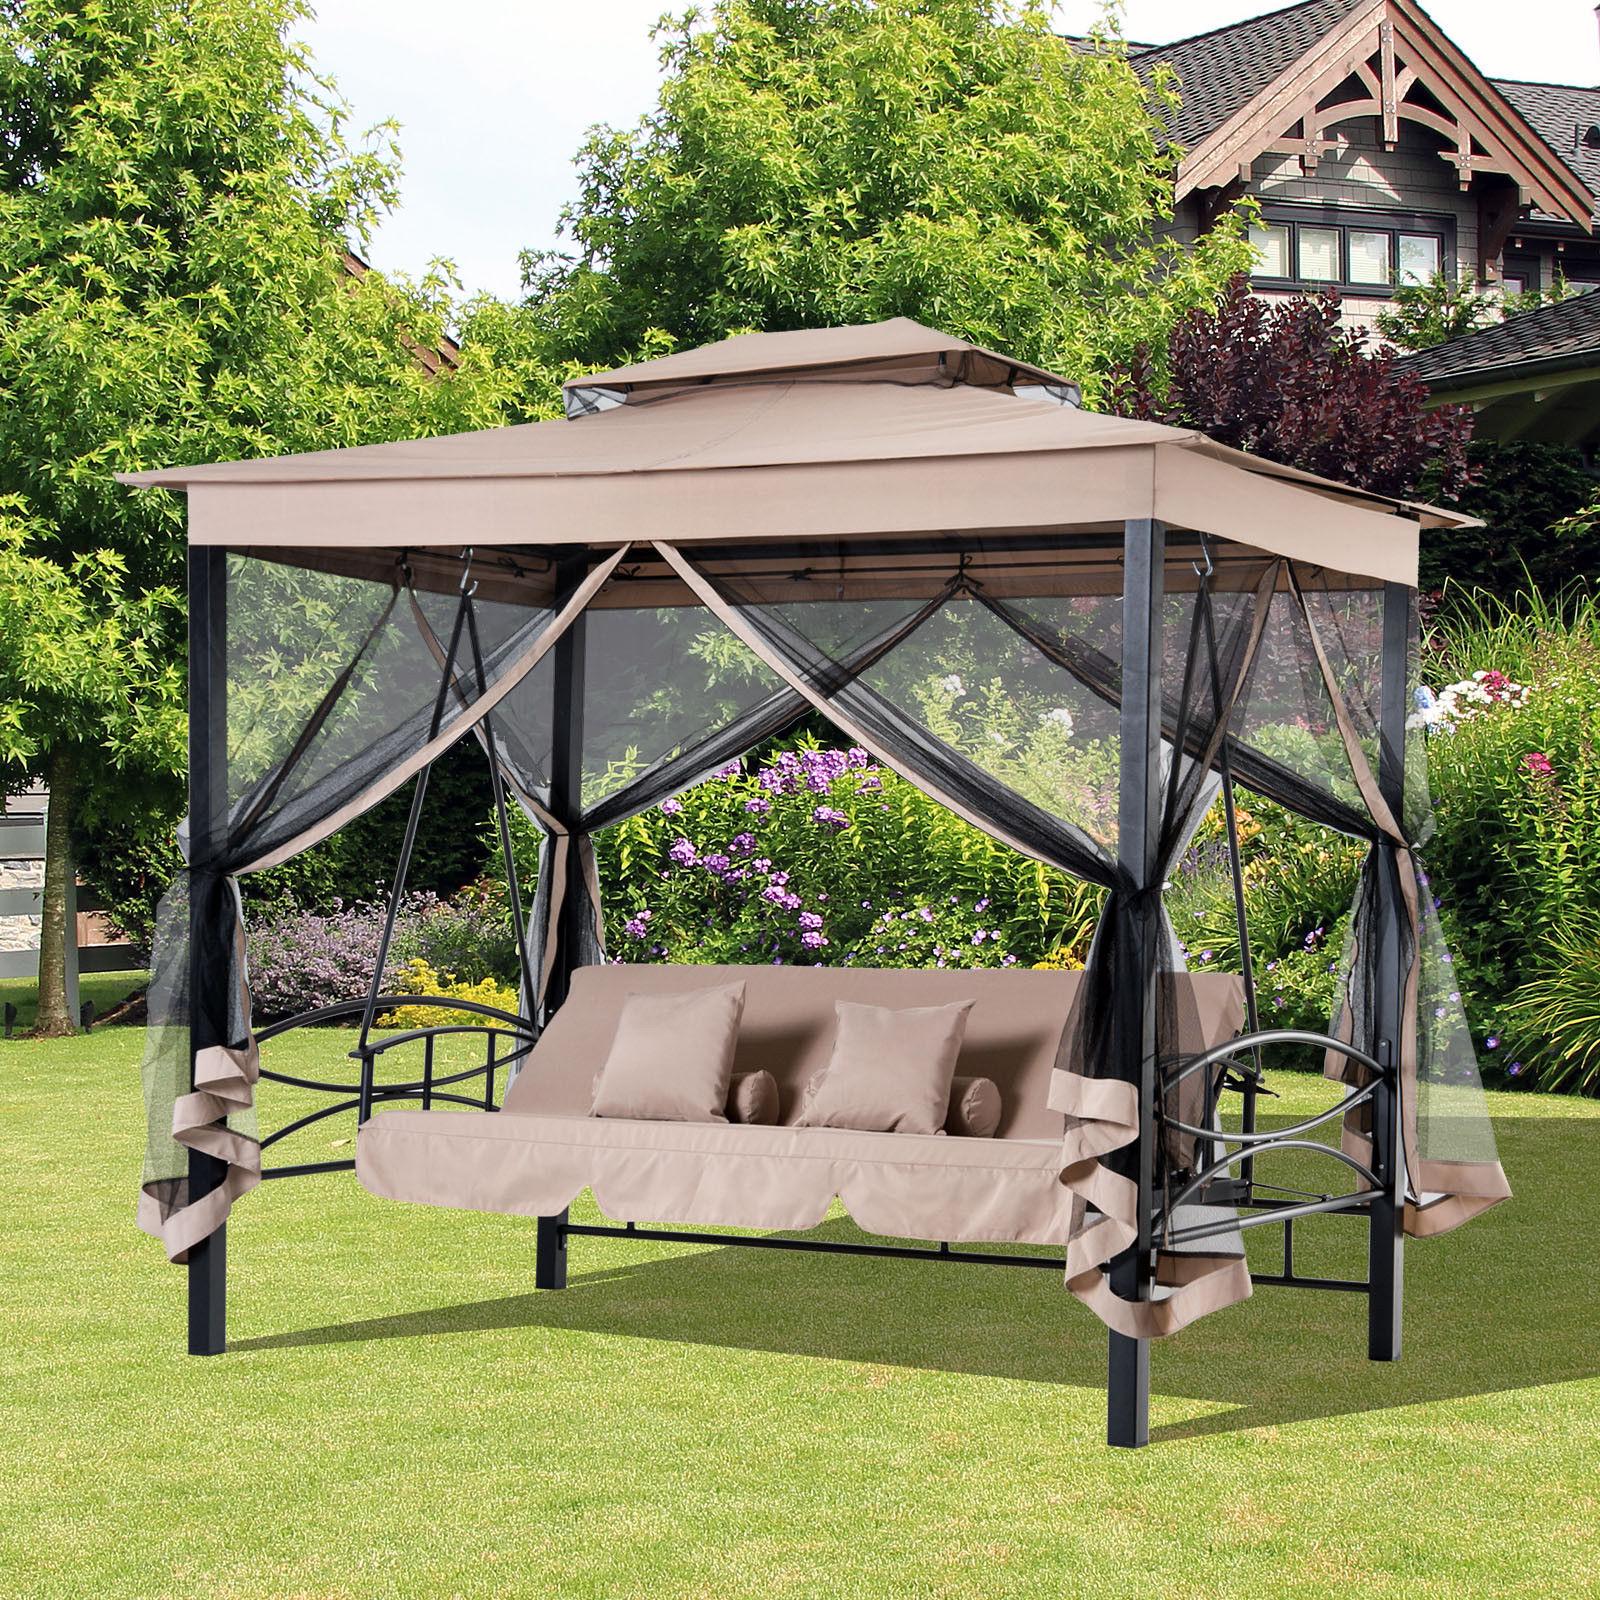 2 In 1 Tree Seater Swing Hammock Gazebo Day Bed Regarding Newest 3 Seat Pergola Swings (View 11 of 30)